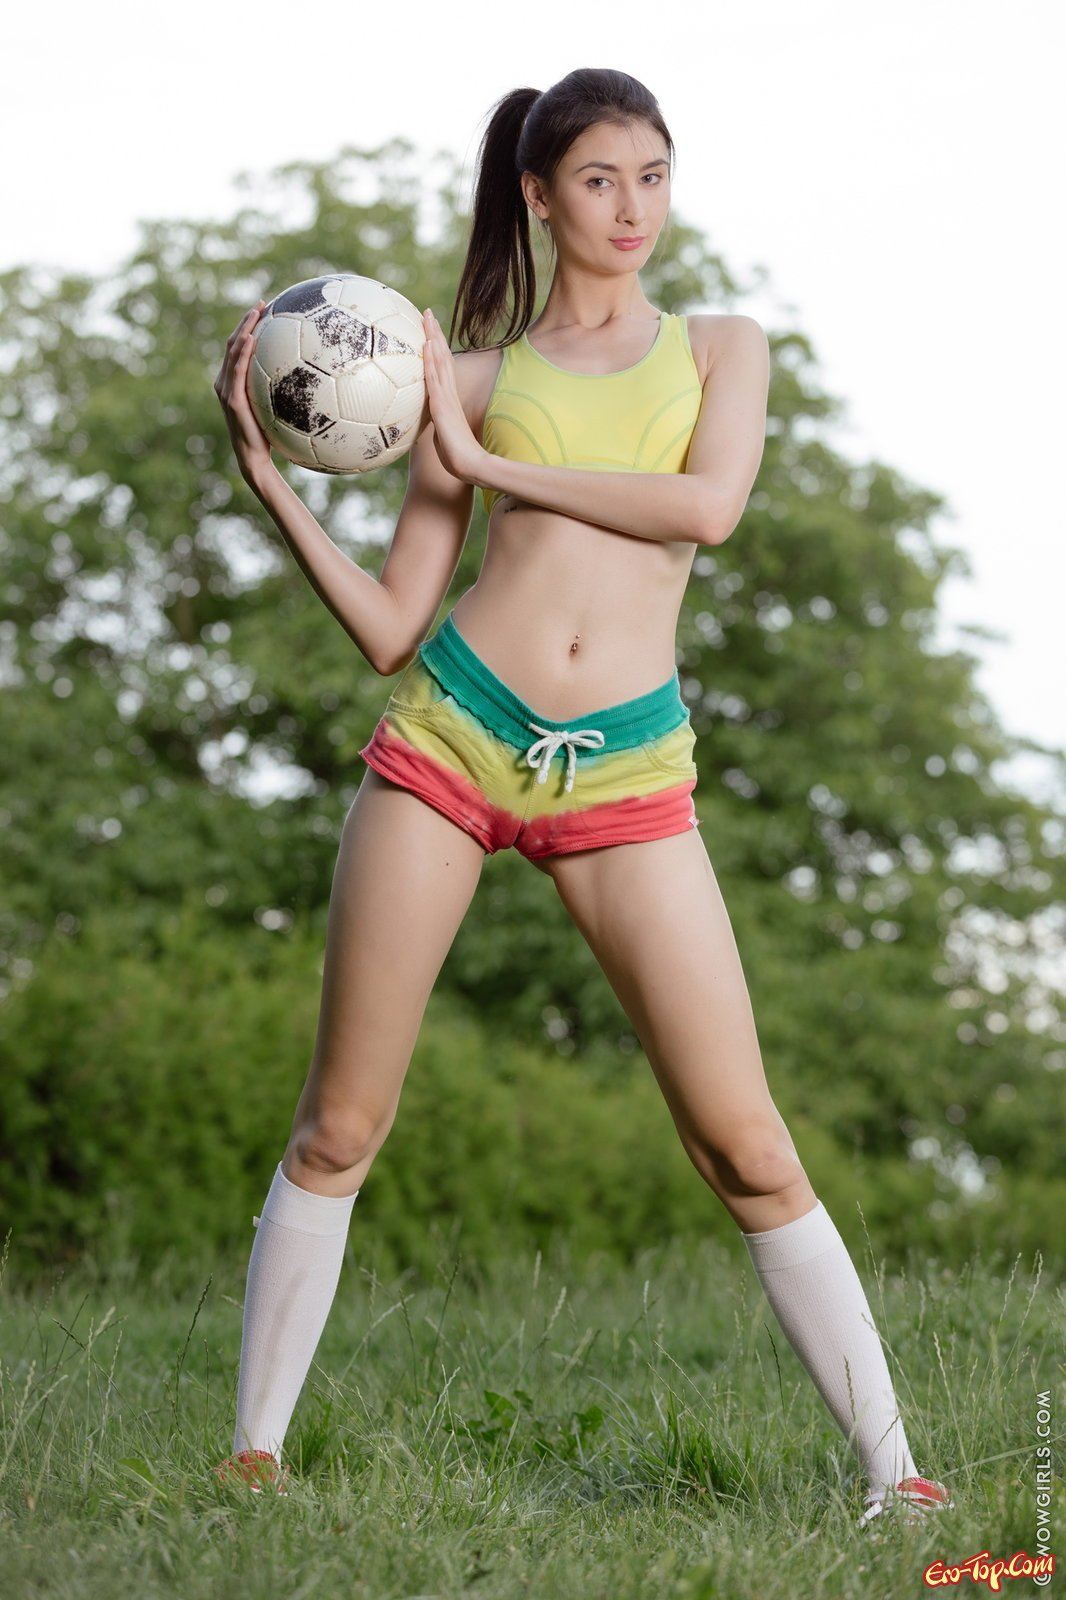 Голая футболистка с мячом